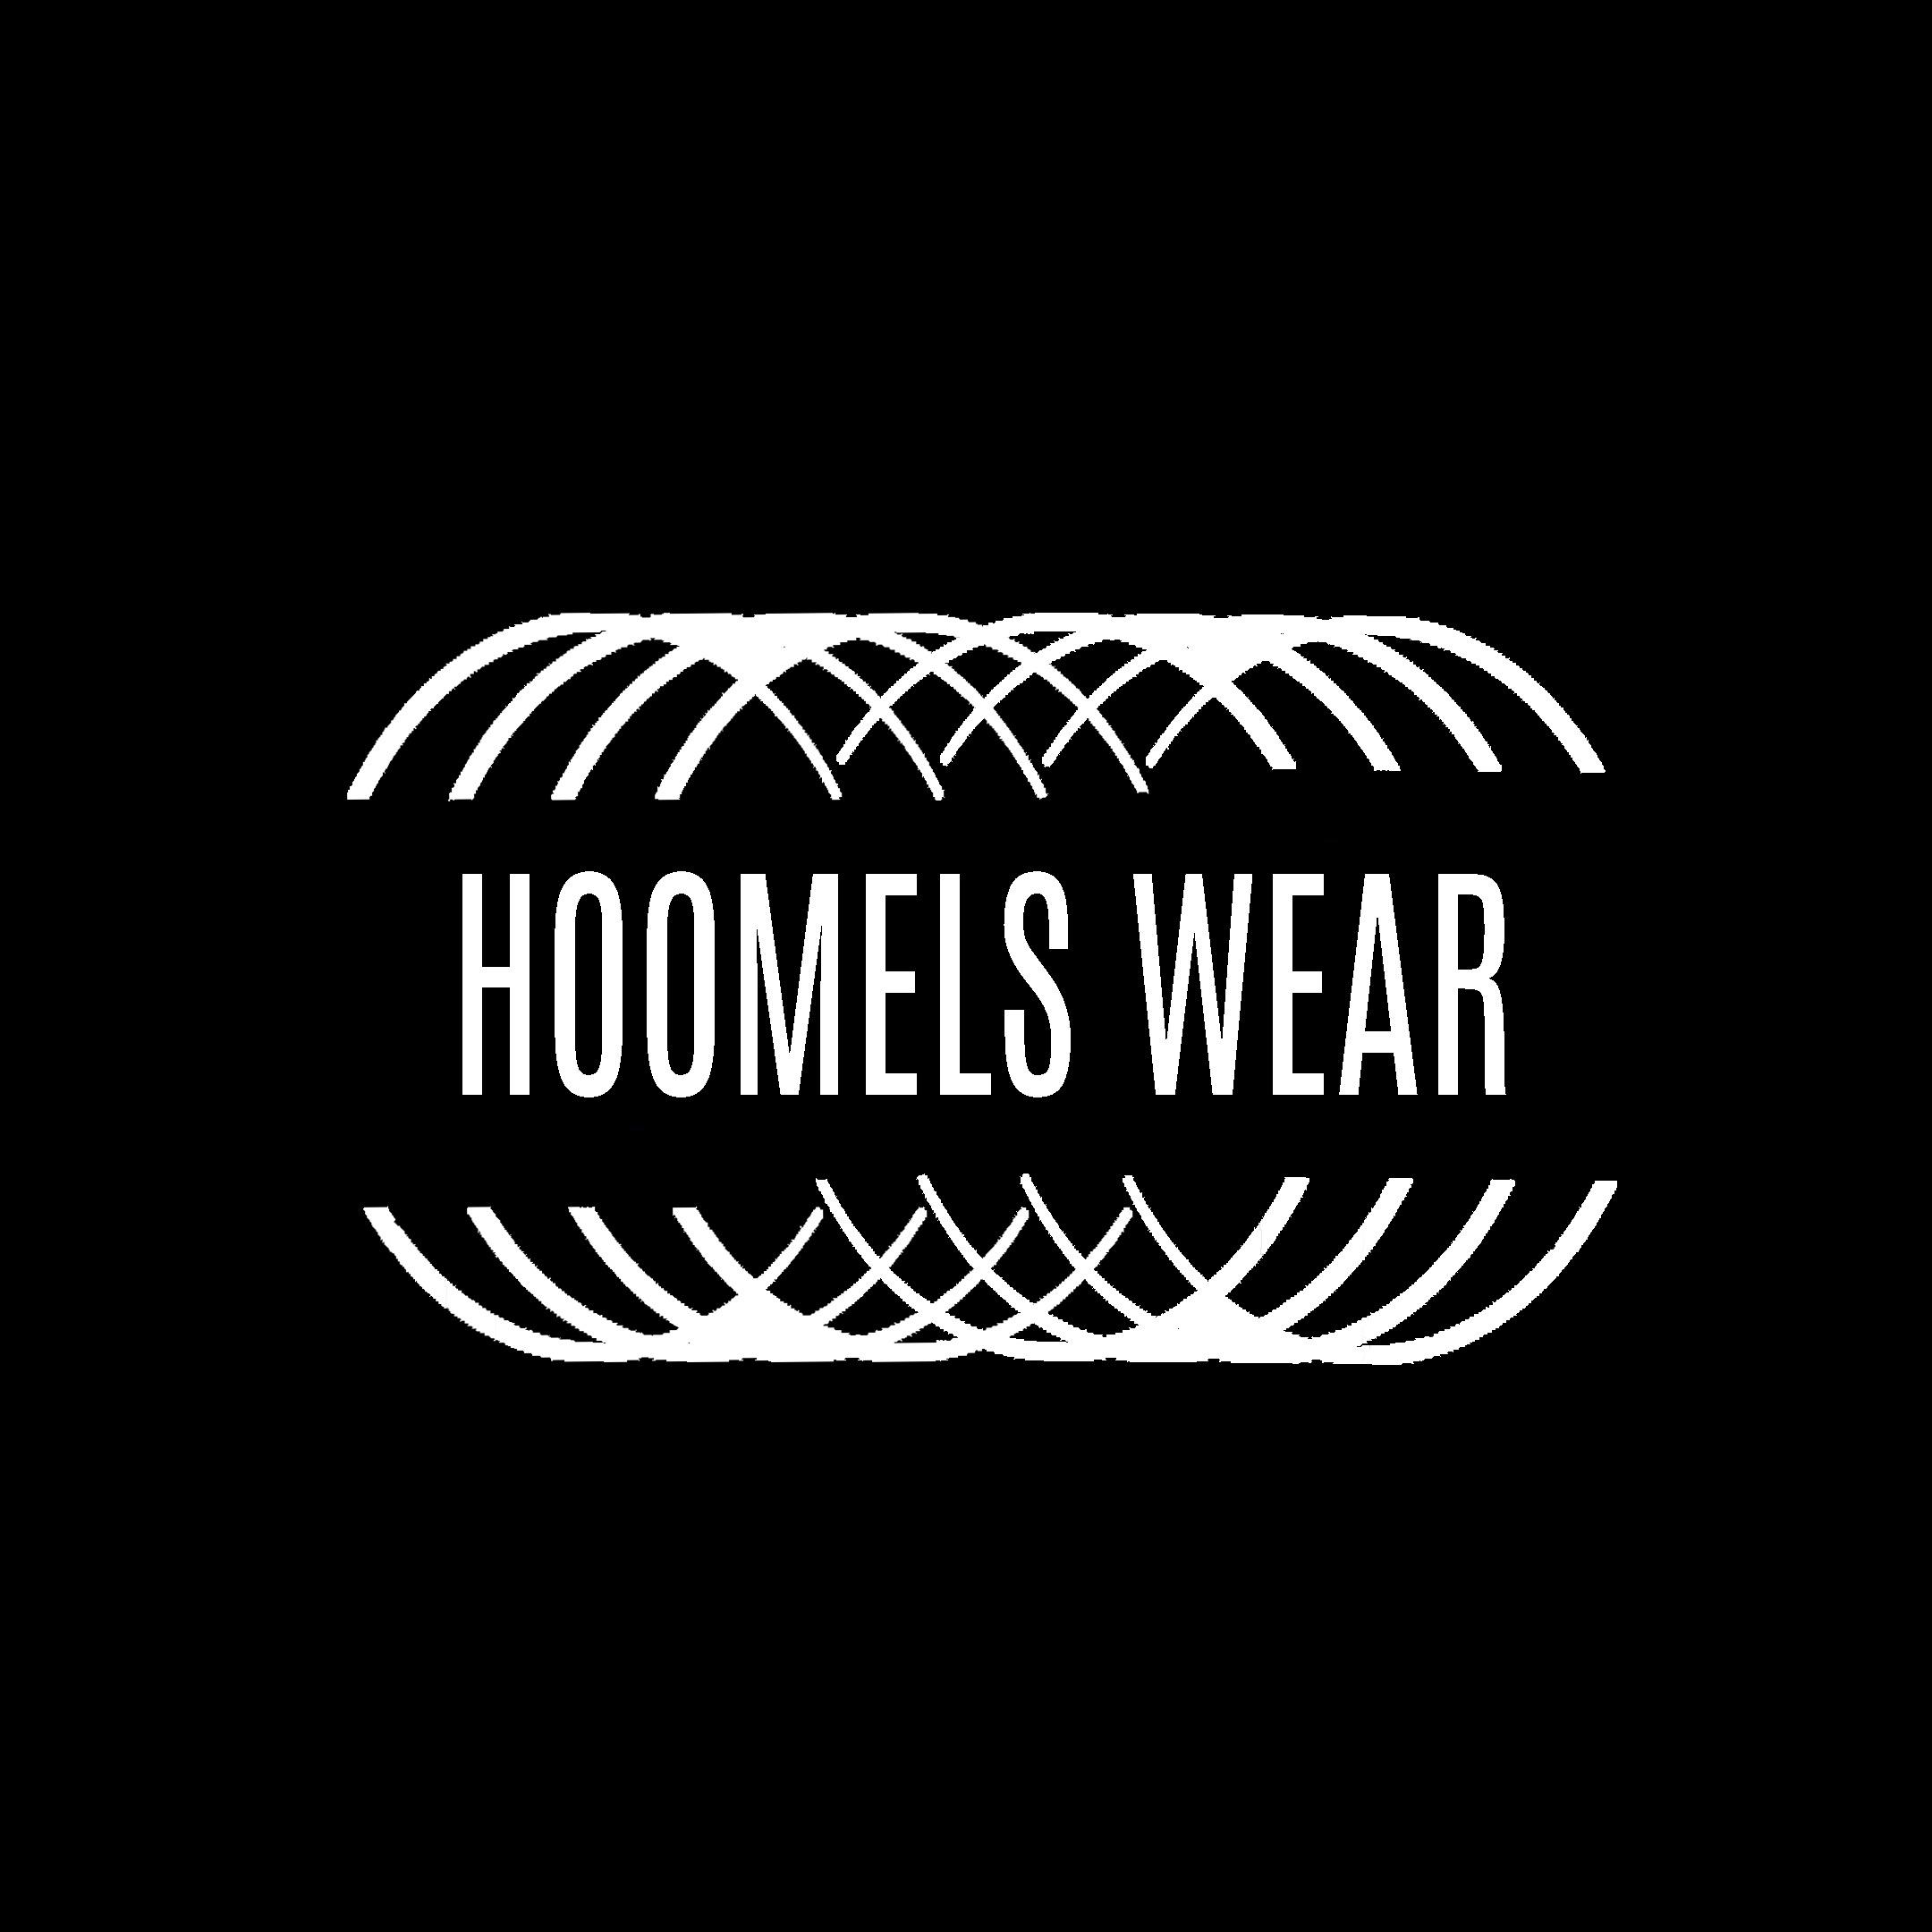 Hoomels.wear